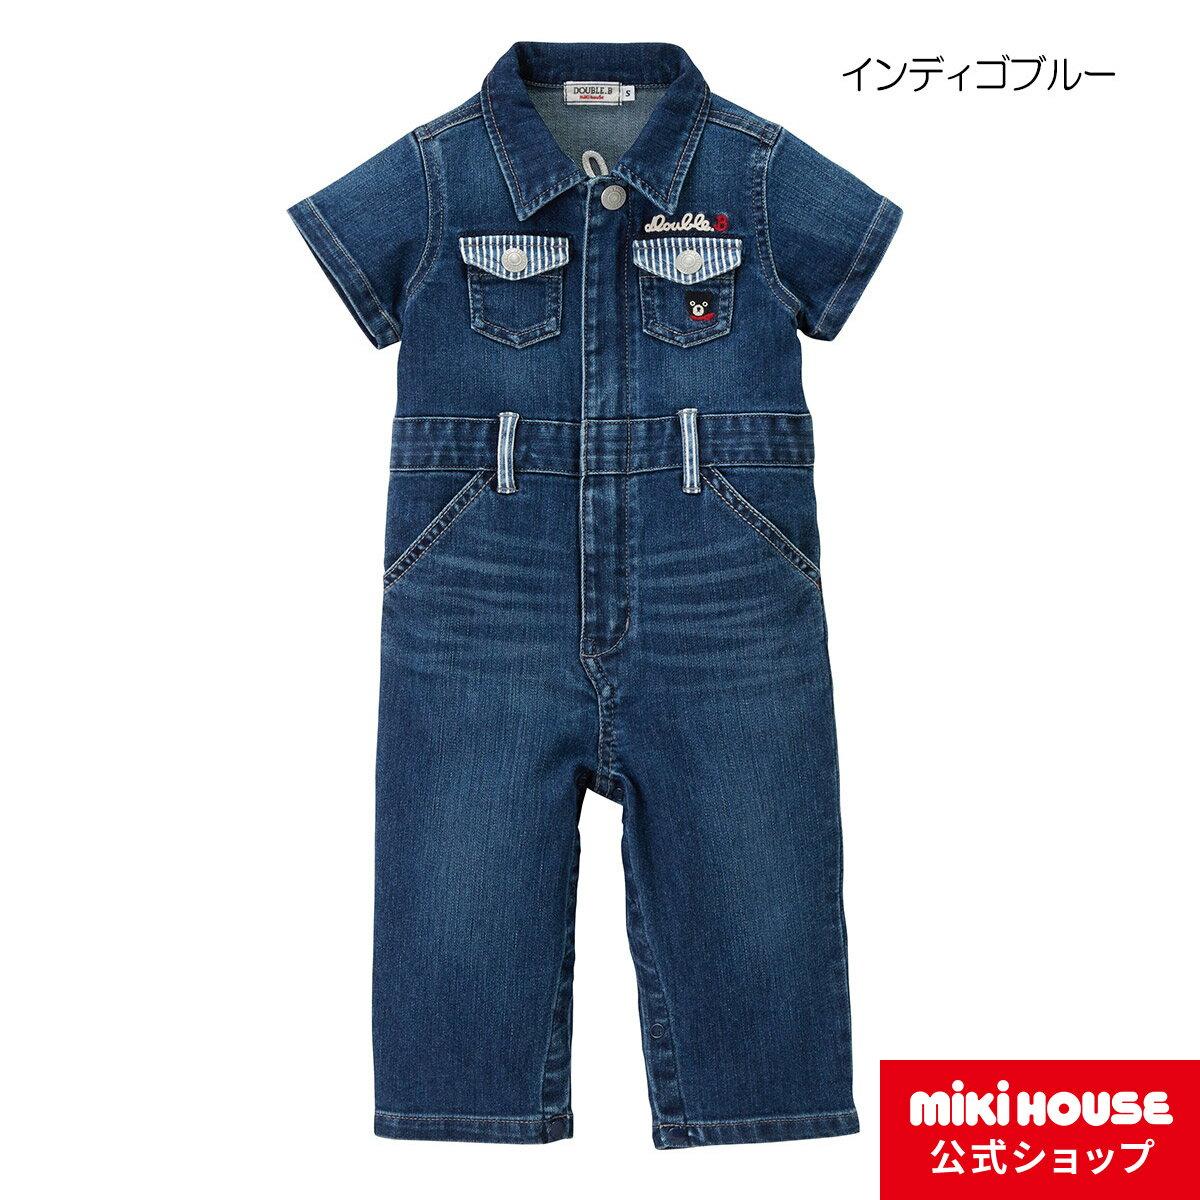 ミキハウス ダブルビー mikihouse 8オンスデニムの半袖カバーオール〈S-L(70cm-100cm)〉 バーゲン